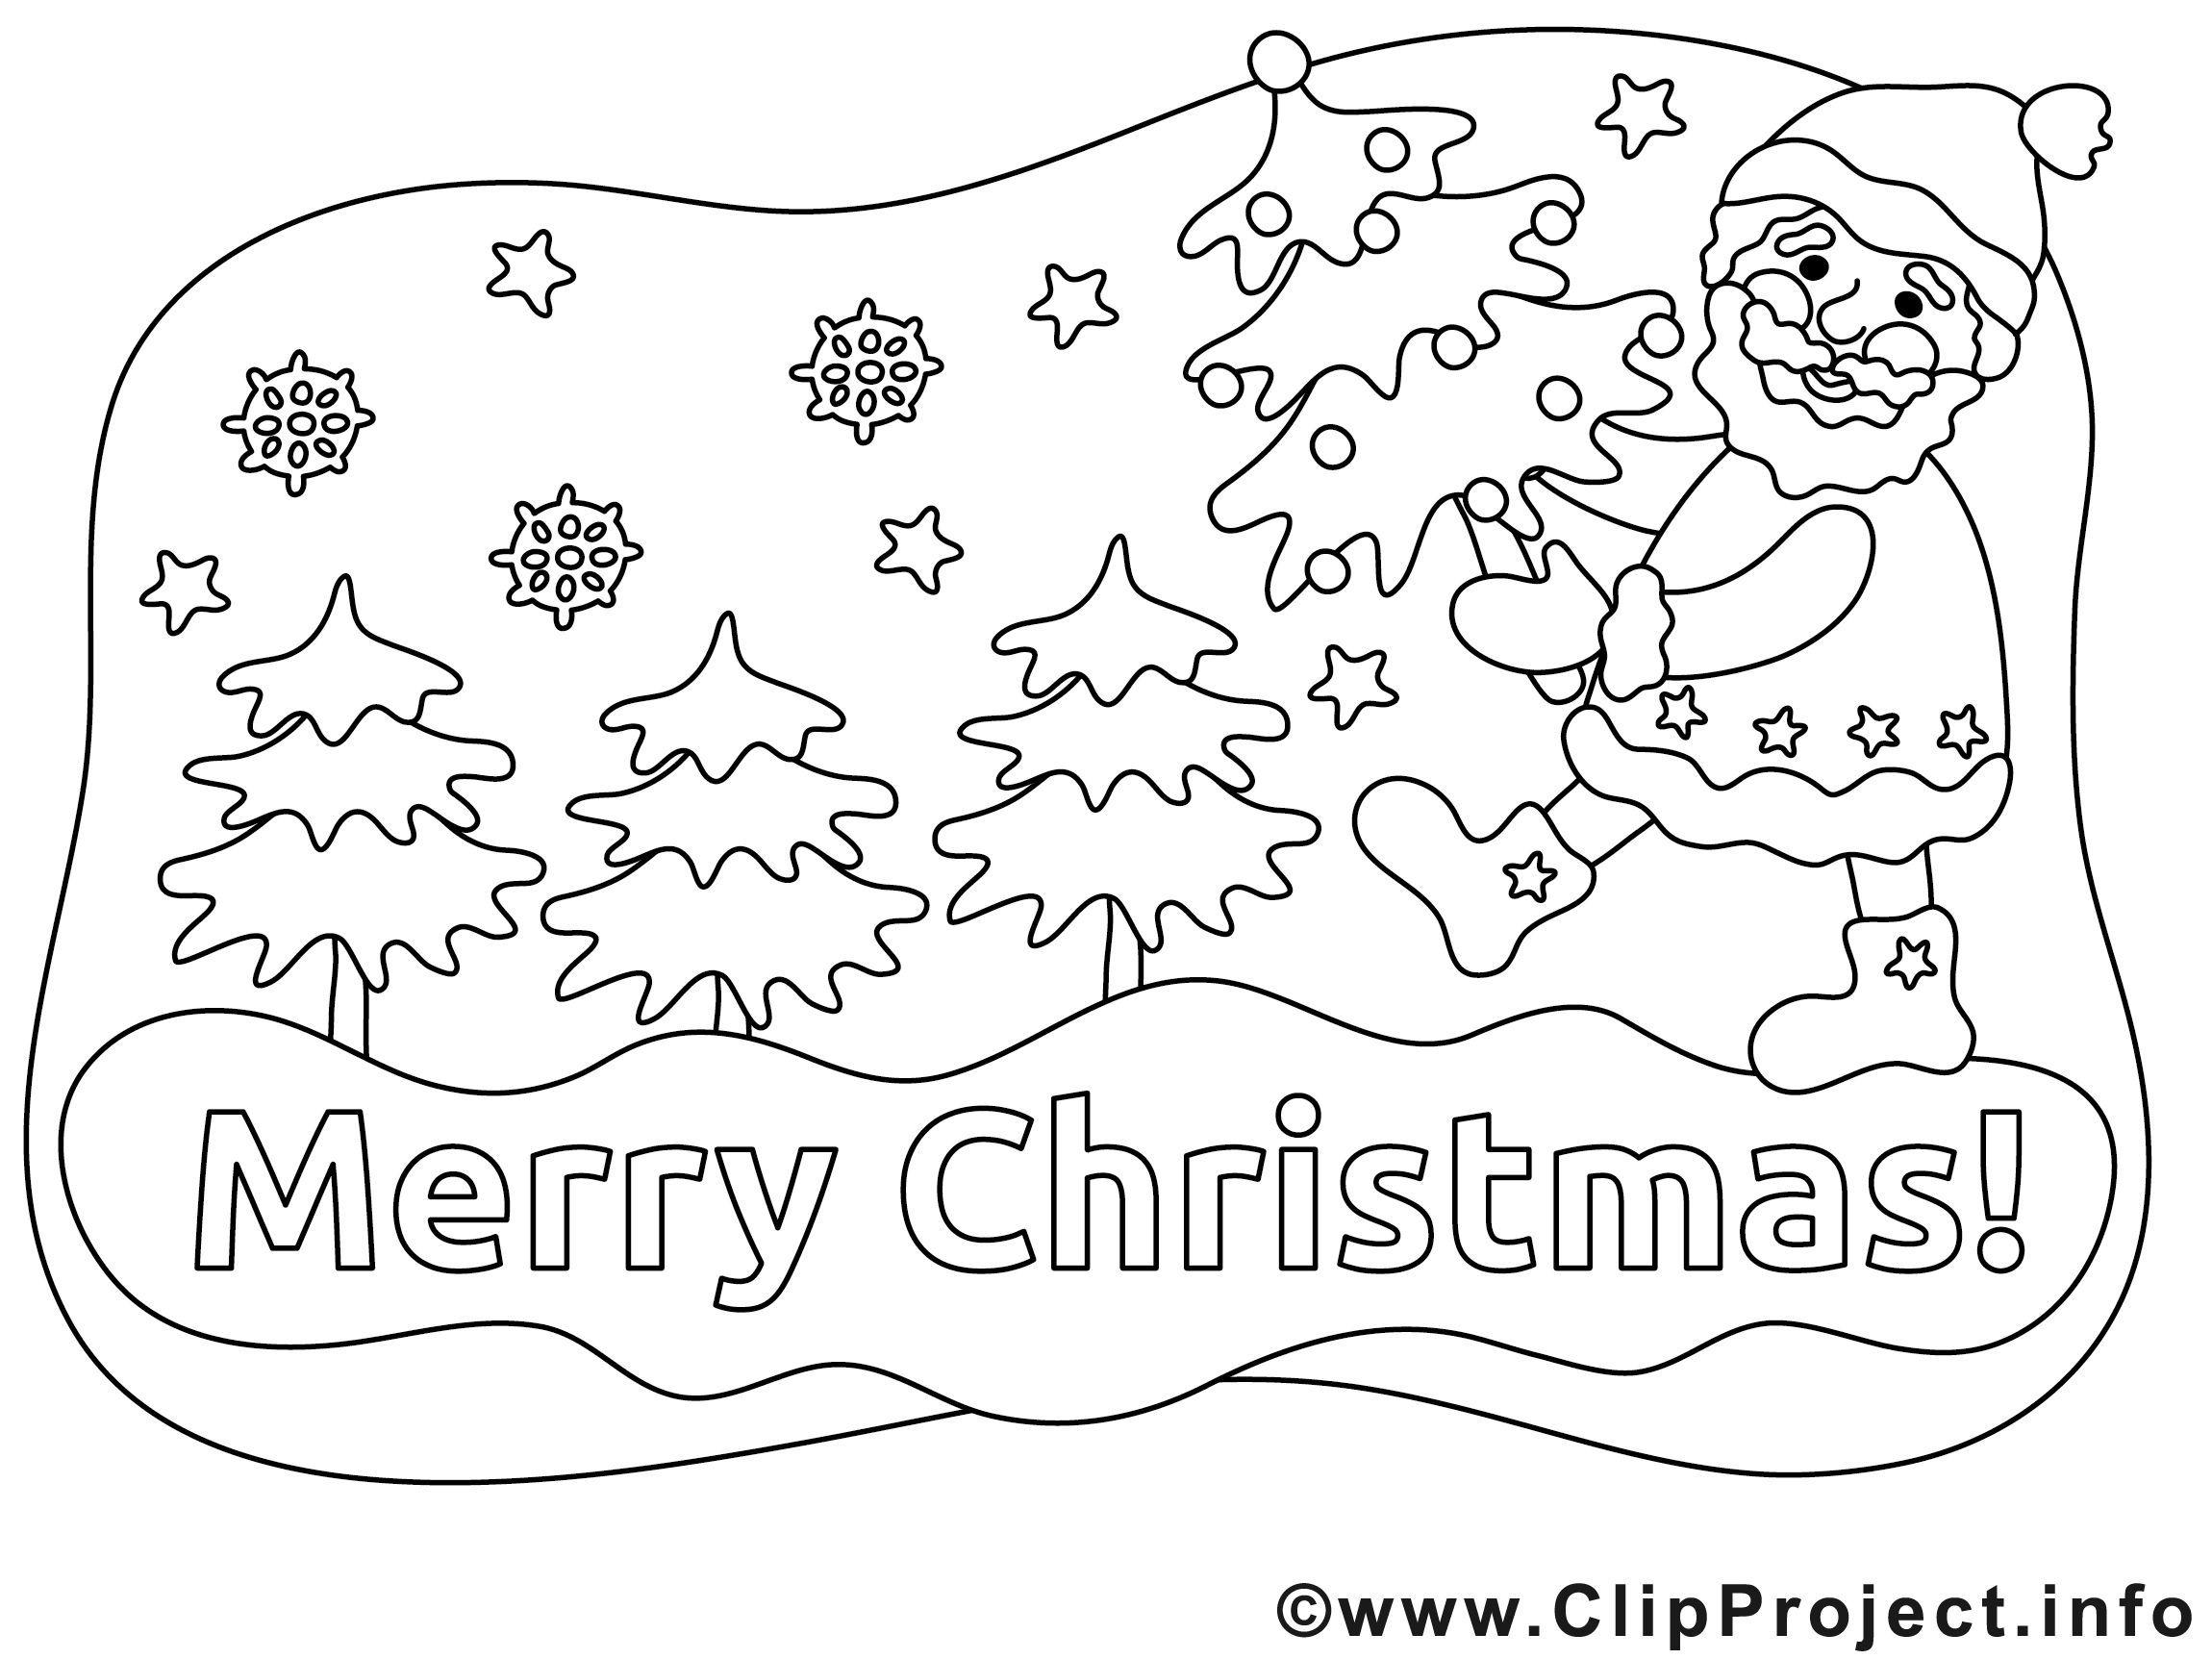 Malvorlagen Clip Project | Coloring And Malvorlagan über Ausmalbilder Weihnachtsmann Mit Schlitten